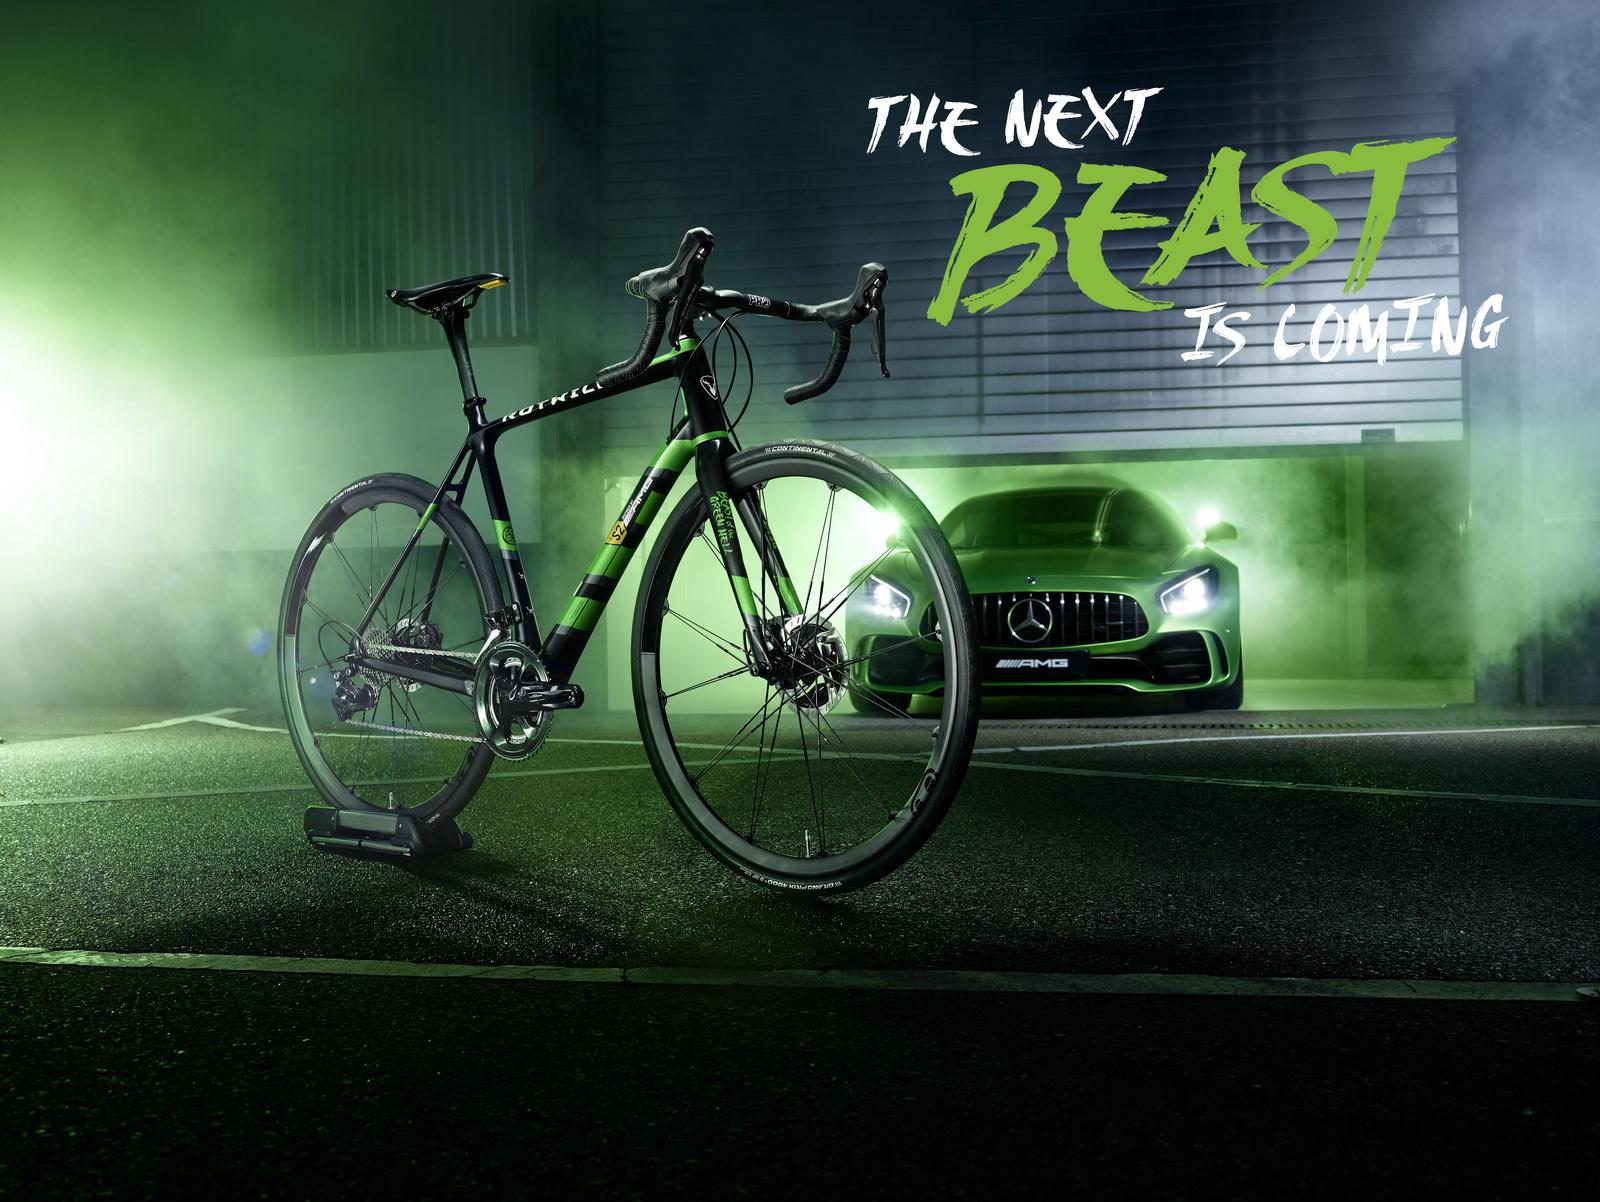 メルセデスamgが100万円オーバーの自転車 ロードバイク 発売 果たして売れるのかどうかを考える Life In The Fast Lane